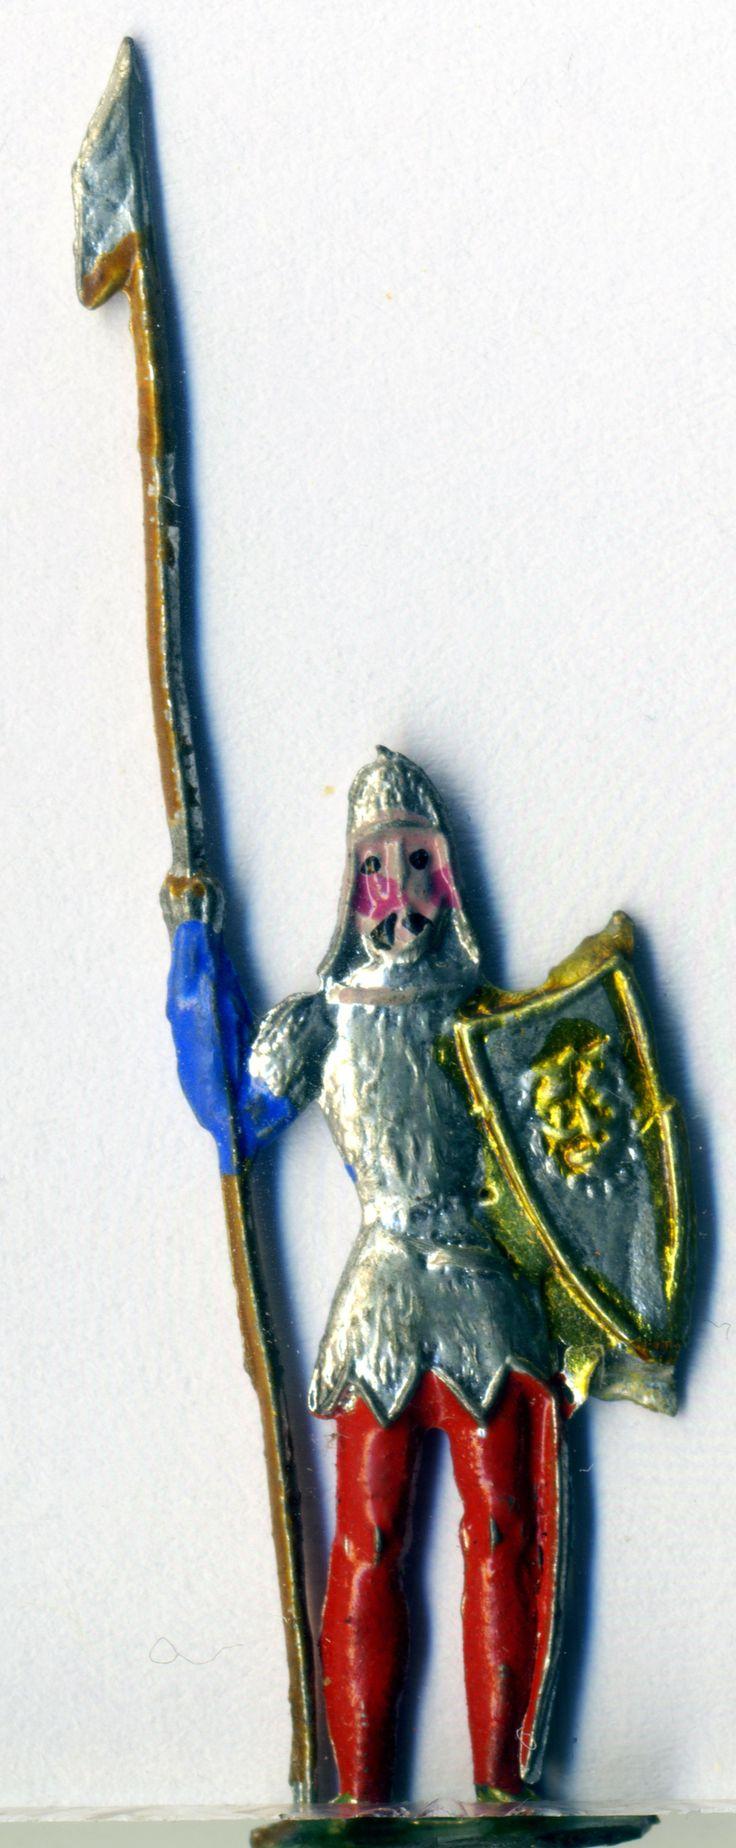 Fusssoldat, Zinn, 1890, Spielzeug